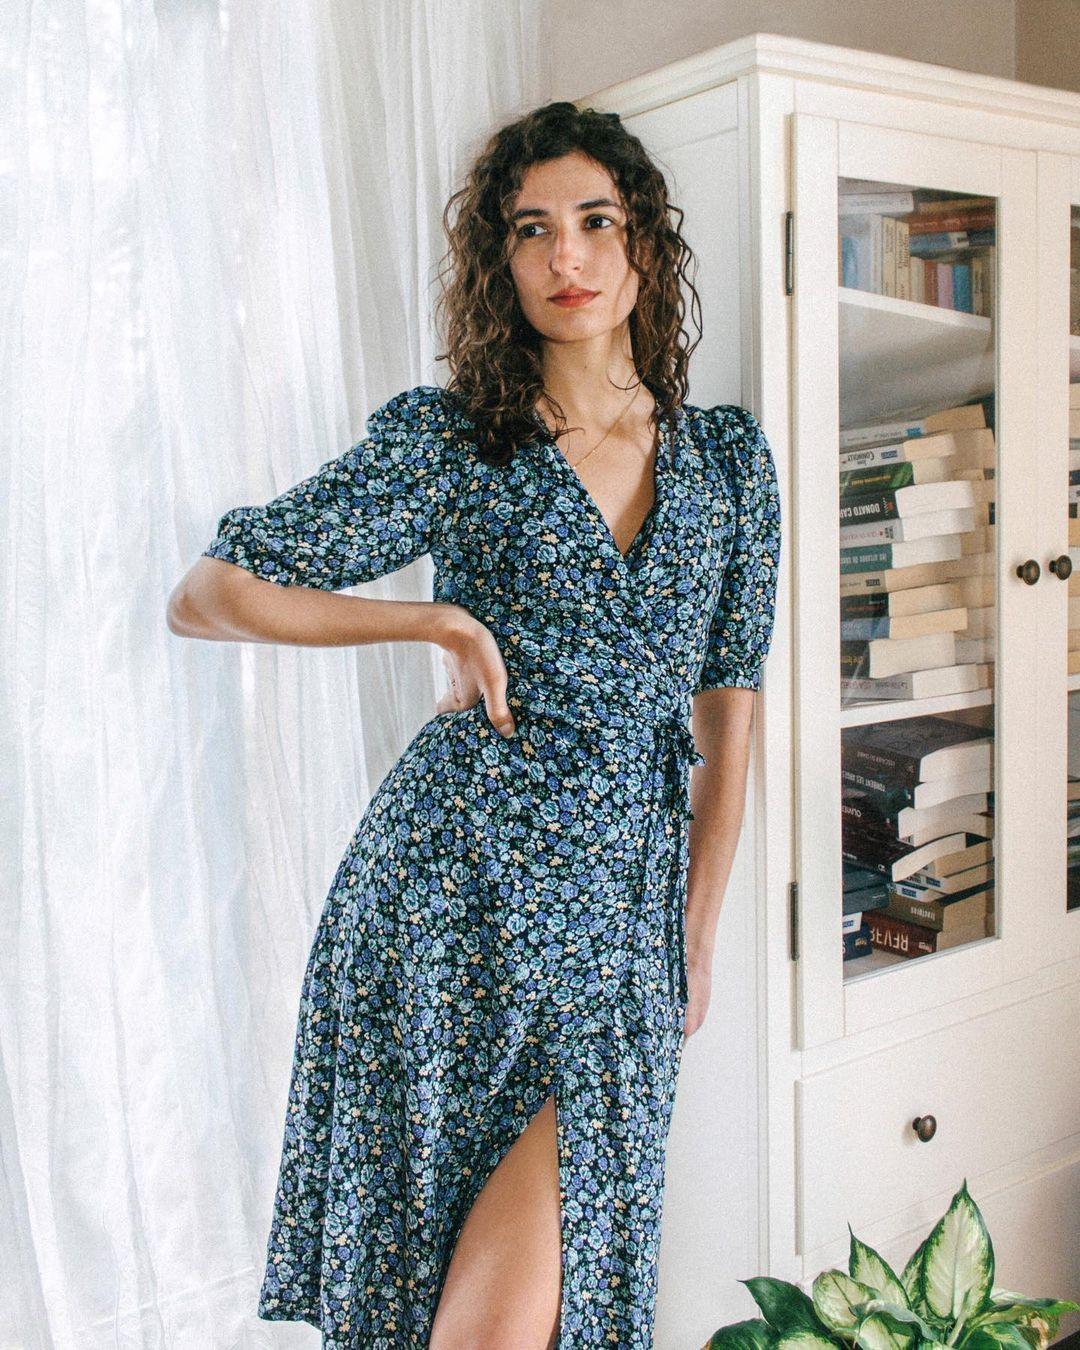 Quý cô người Pháp có style chuẩn nàng thơ: Không thể sống thiếu váy quấn, diện đồ 'hoa lá hẹ' mà vẫn rất mực tinh tế - Ảnh 1